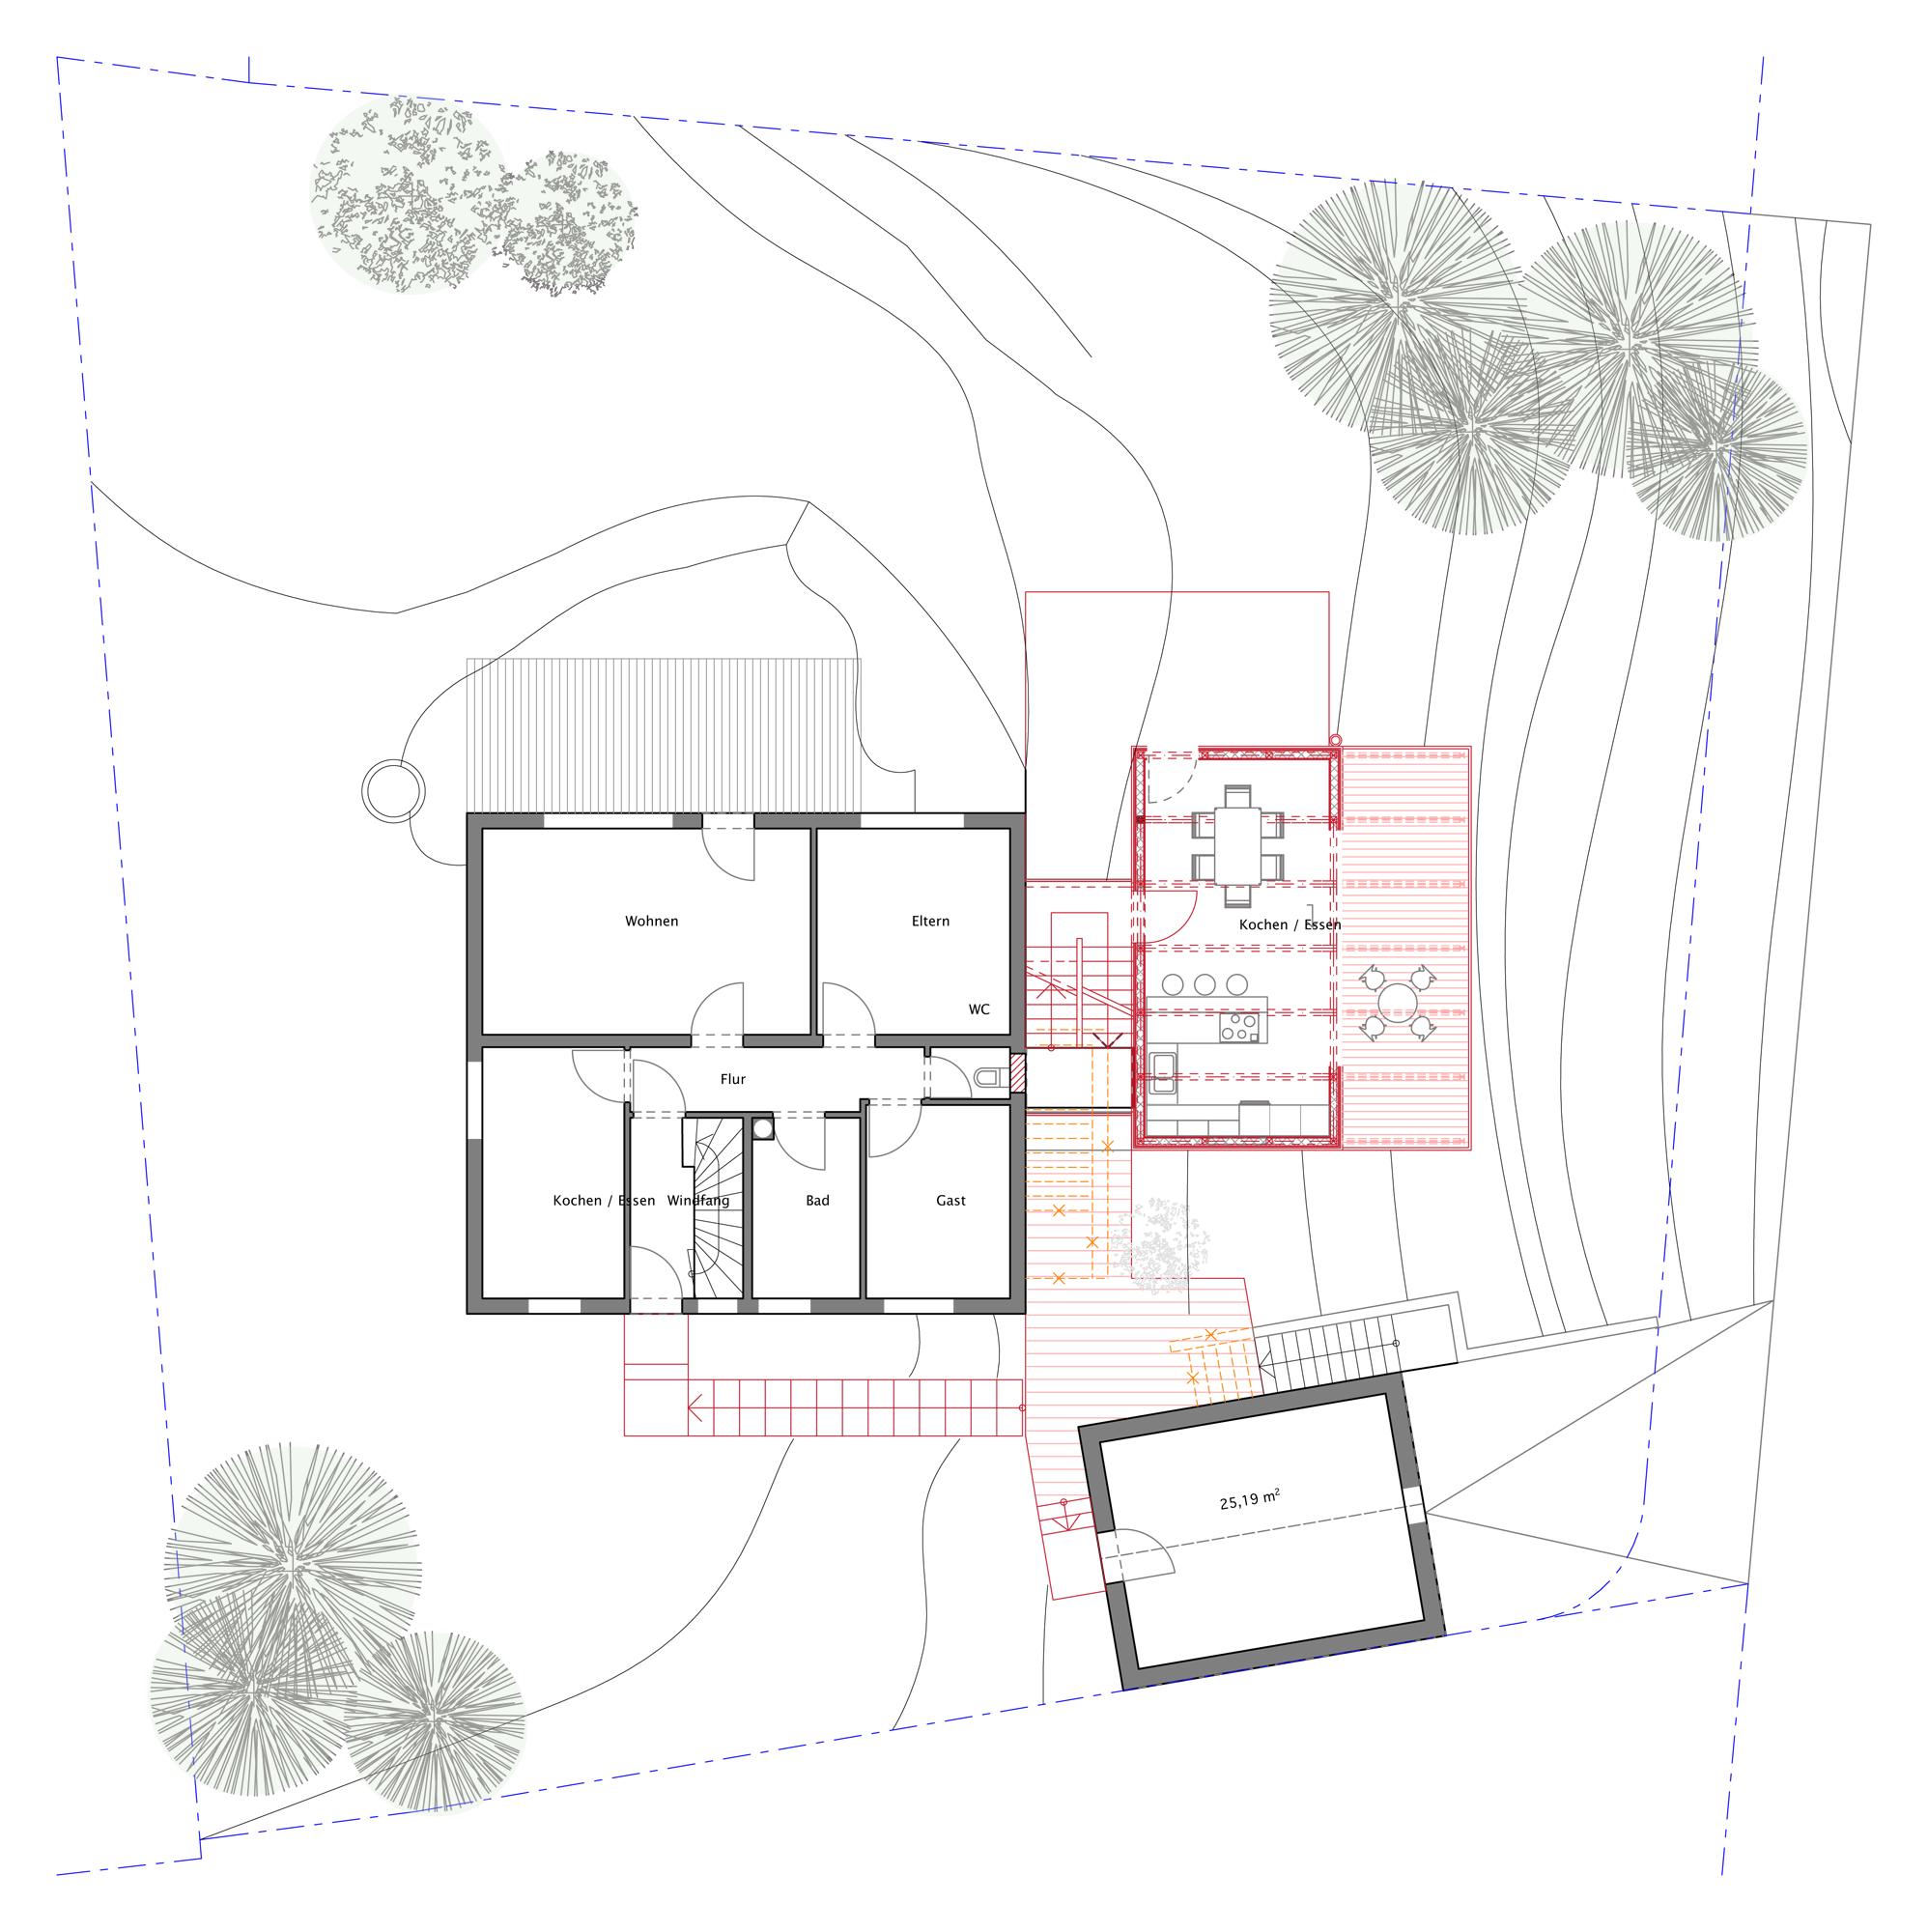 erweiterung eines einfamilienhauses als mehrgenerationenhaus blauhaus architekten. Black Bedroom Furniture Sets. Home Design Ideas